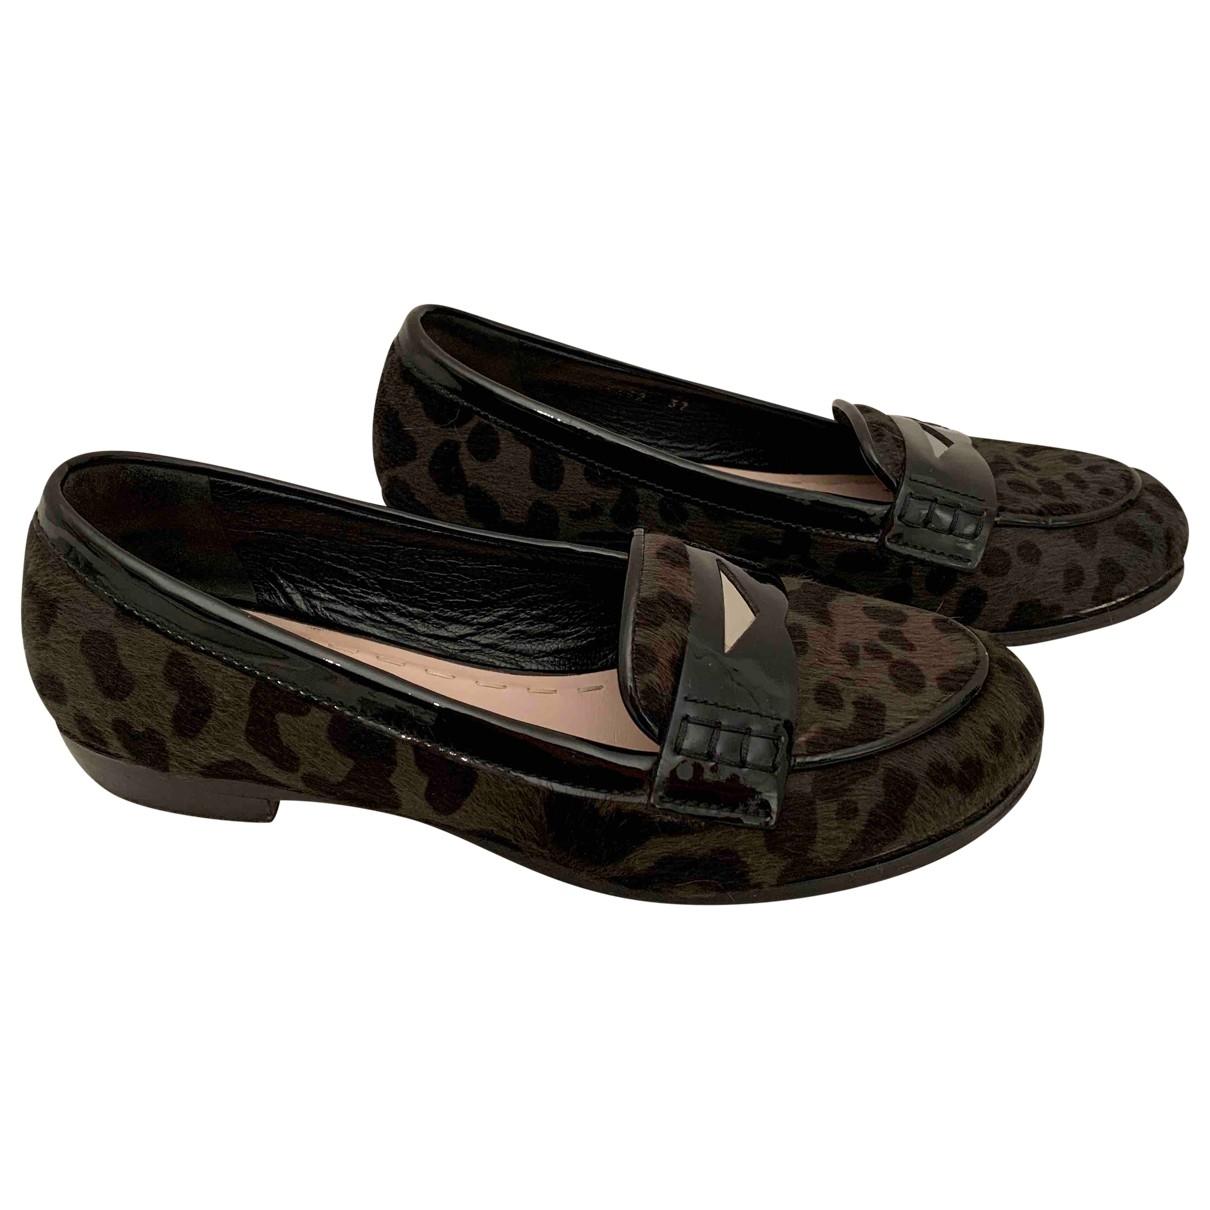 Miu Miu \N Khaki Pony-style calfskin Flats for Women 37 EU